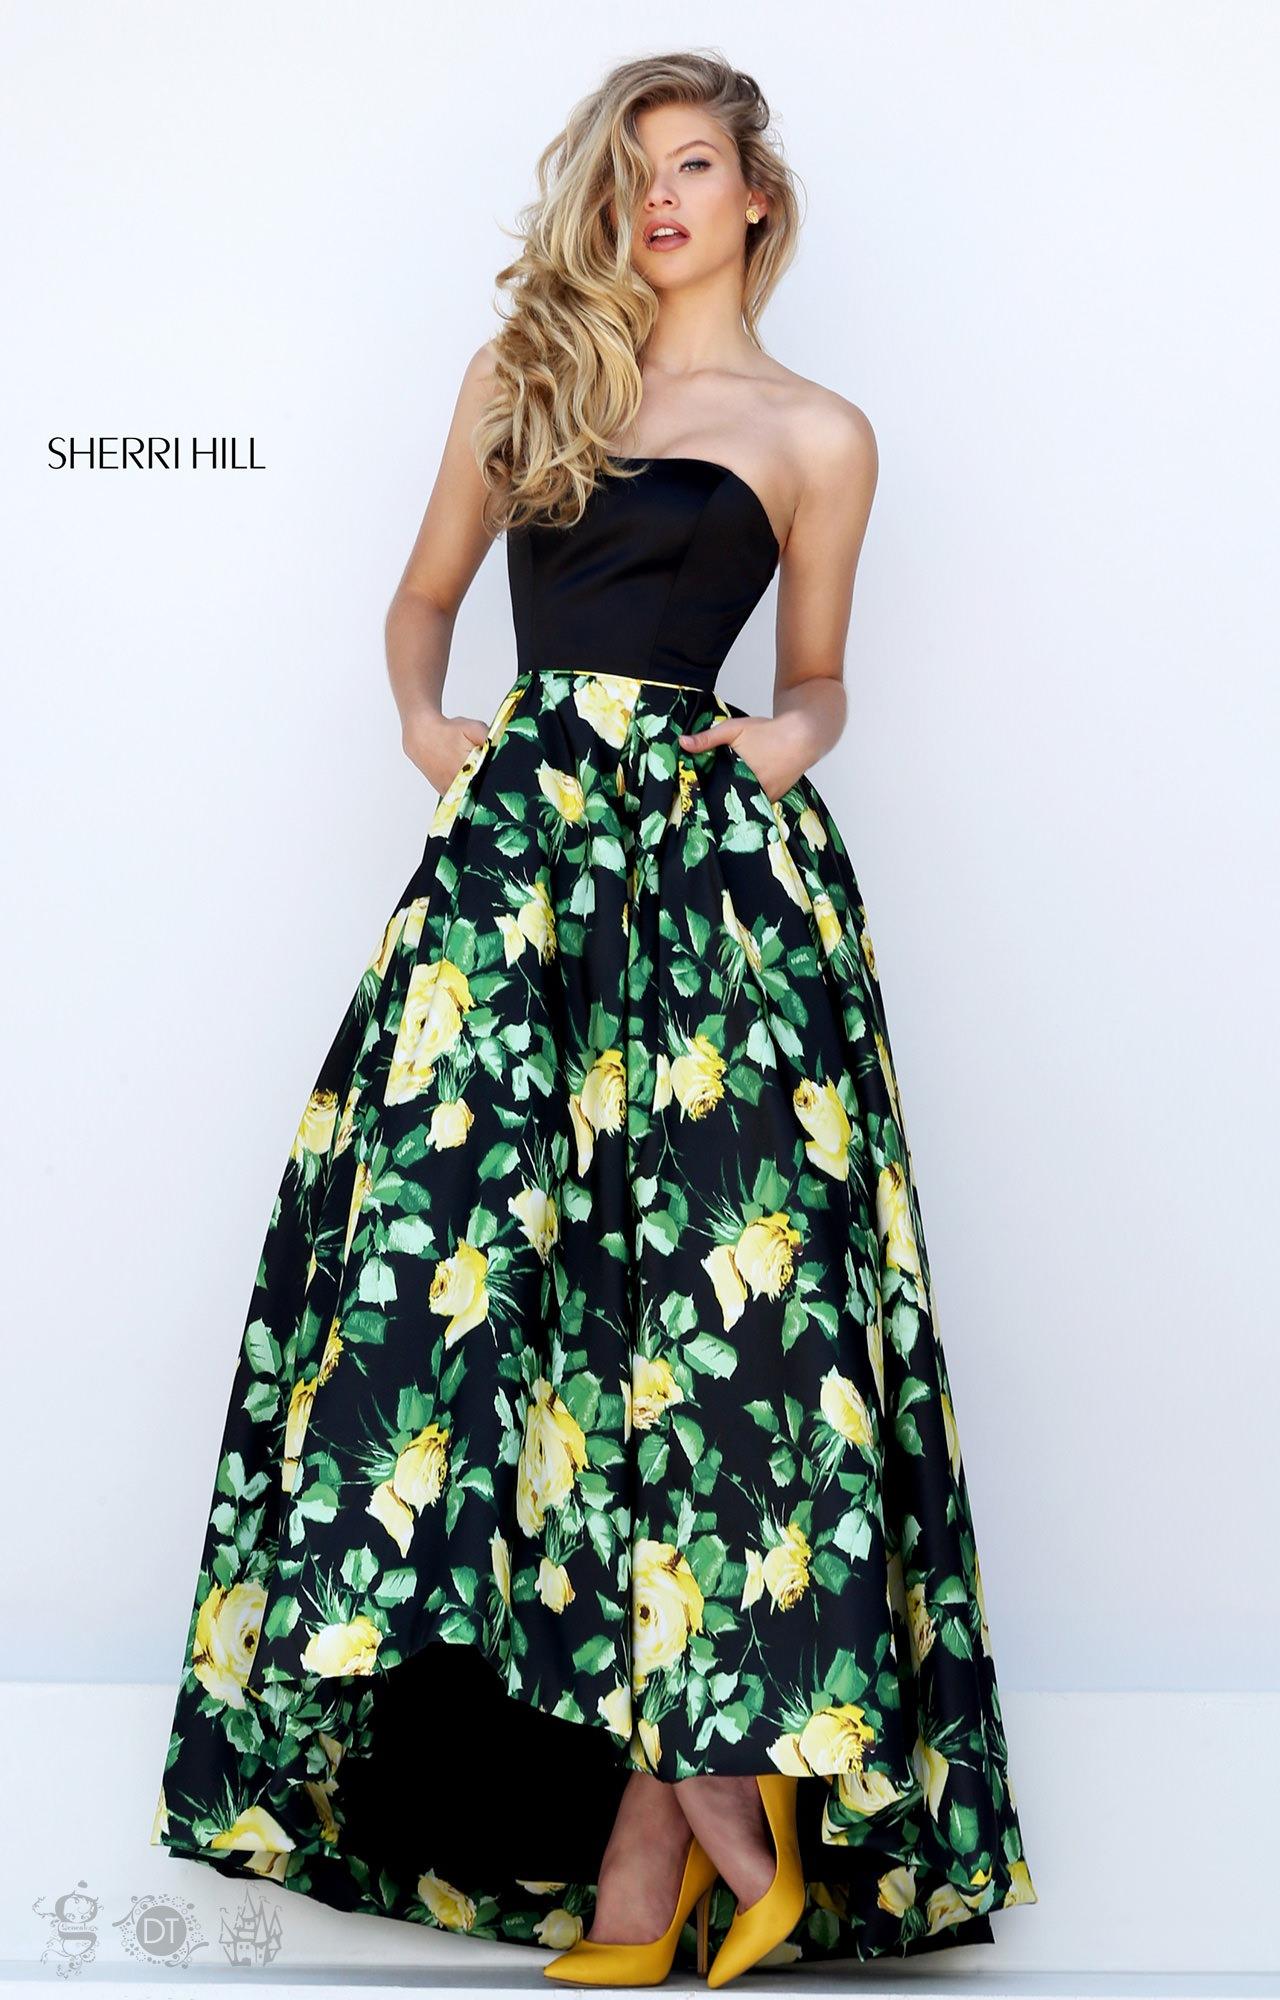 3c1de2d8fe4f4 Strapless Taffeta Dress With Full Skirt - raveitsafe